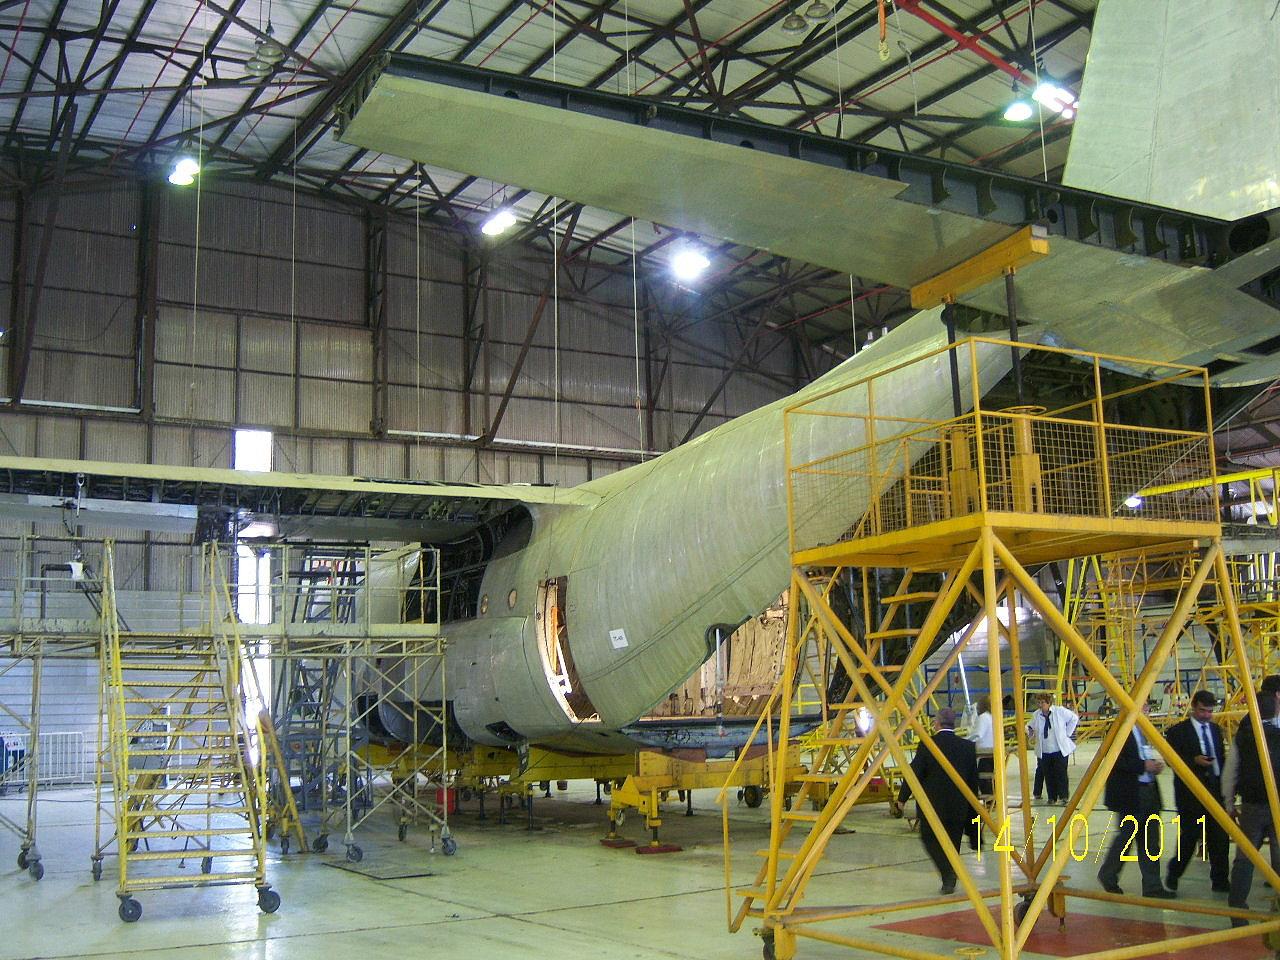 Upgrade a la avionica de los Hercules???? - Página 2 C1f2f44386b4a486c309f994059bd9afo